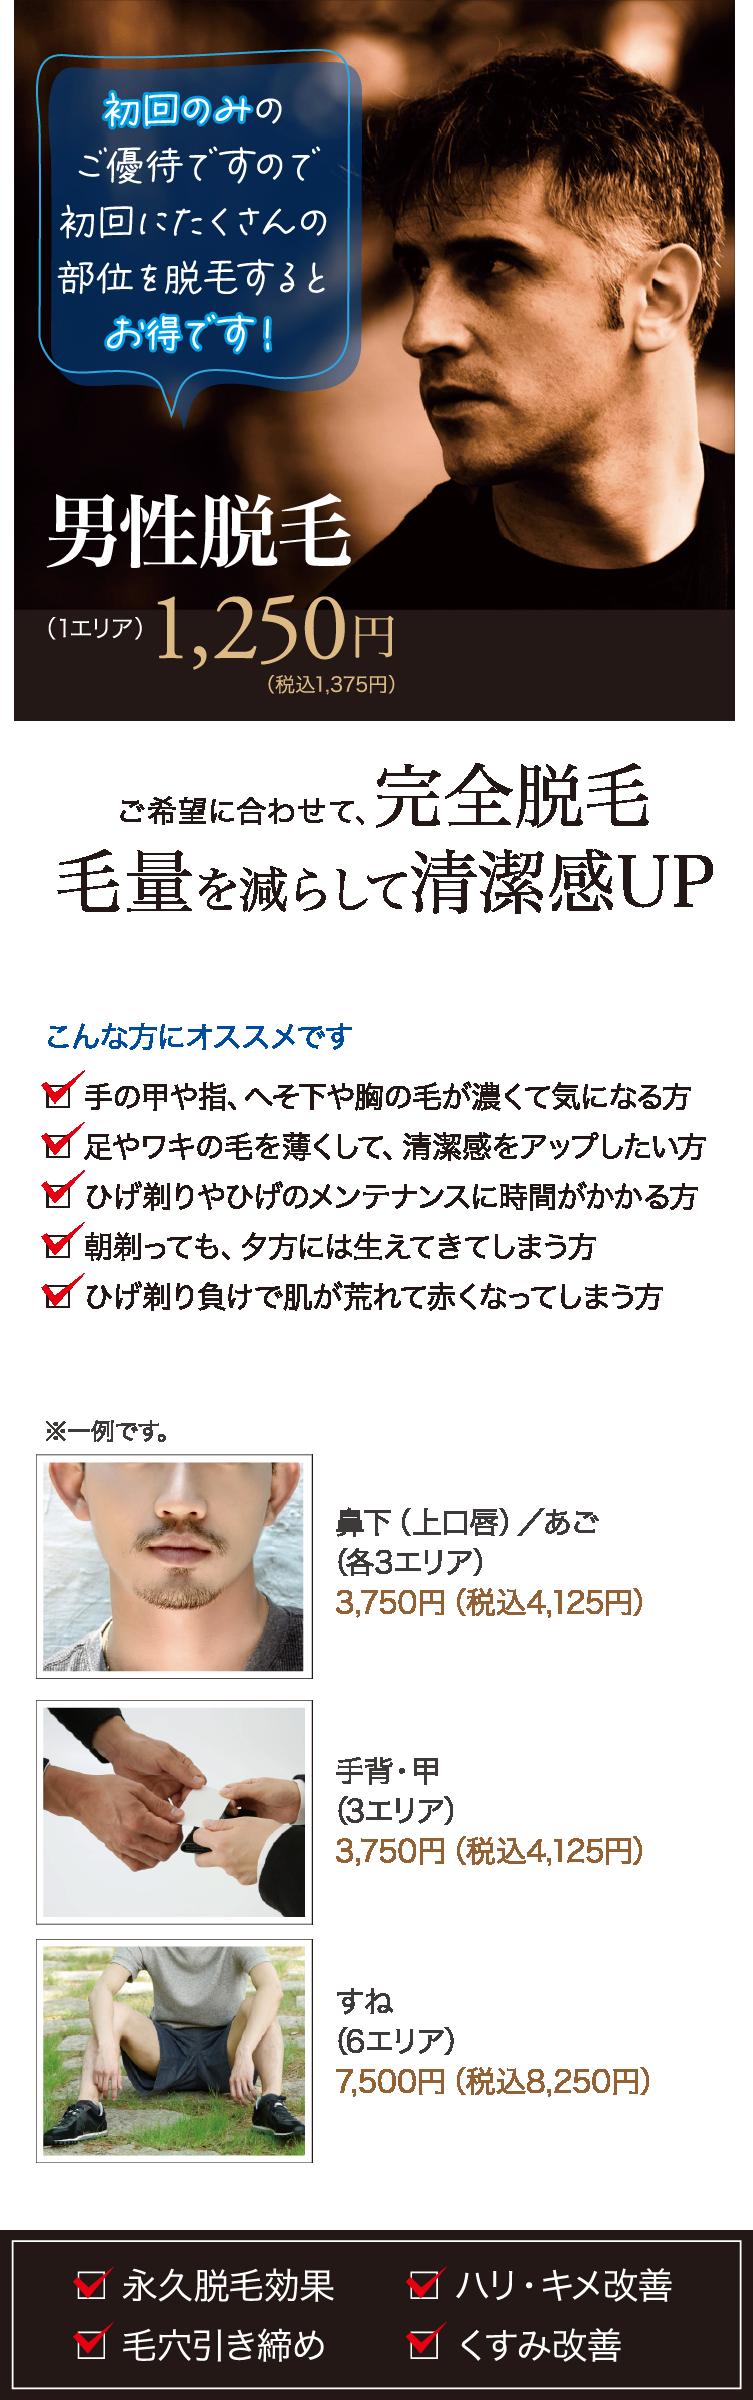 完全脱毛/デザイン脱毛/減毛【医療レーザー脱毛】